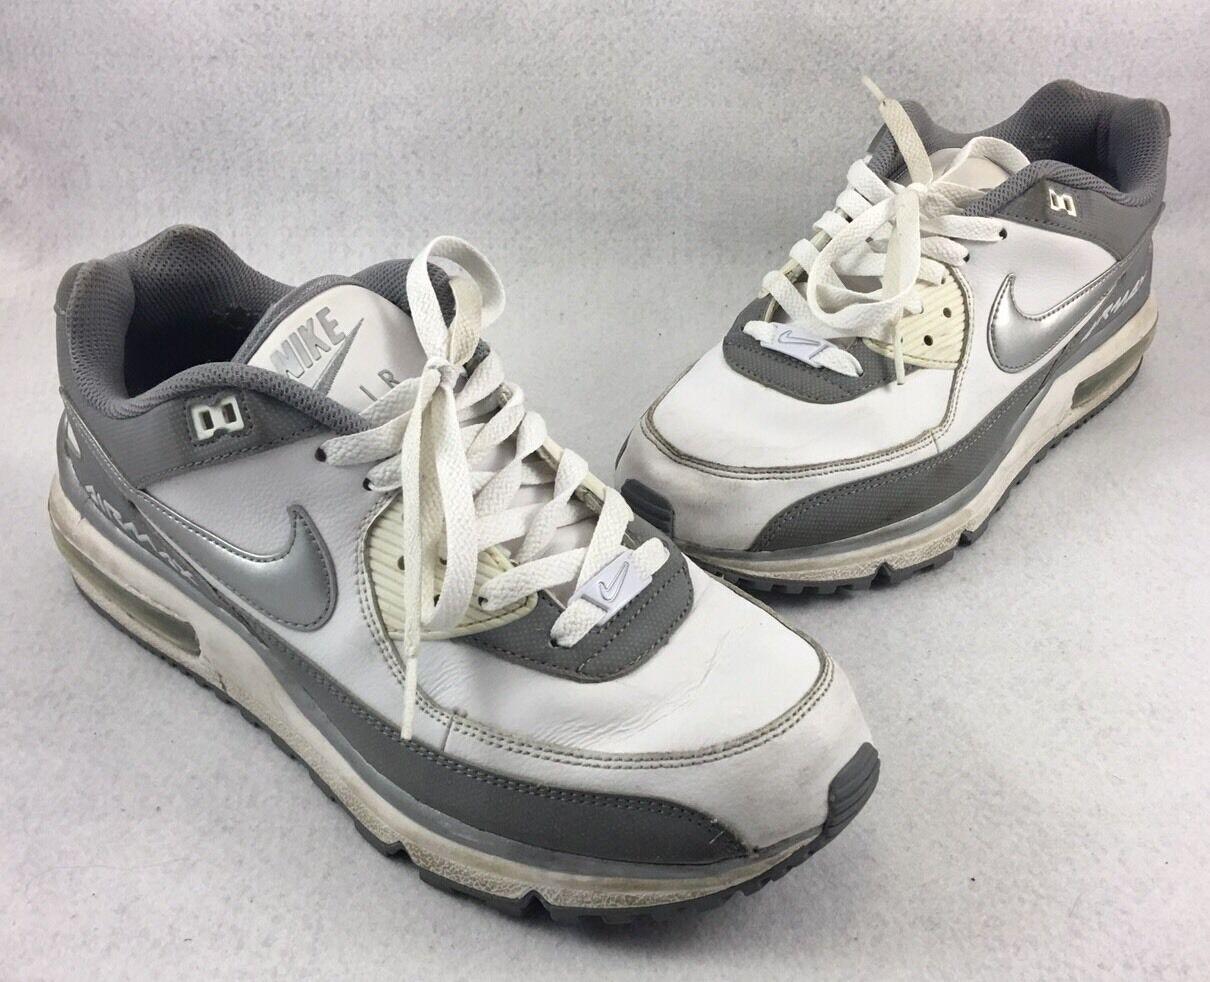 nike air max max max wright scarpe da corsa 317551-119 bianco grigio mens 10 | Il Nuovo Arrivo  | eccellente  | A Basso Prezzo  | Uomo/Donne Scarpa  | Uomo/Donna Scarpa  | Gentiluomo/Signora Scarpa  fd3bbf